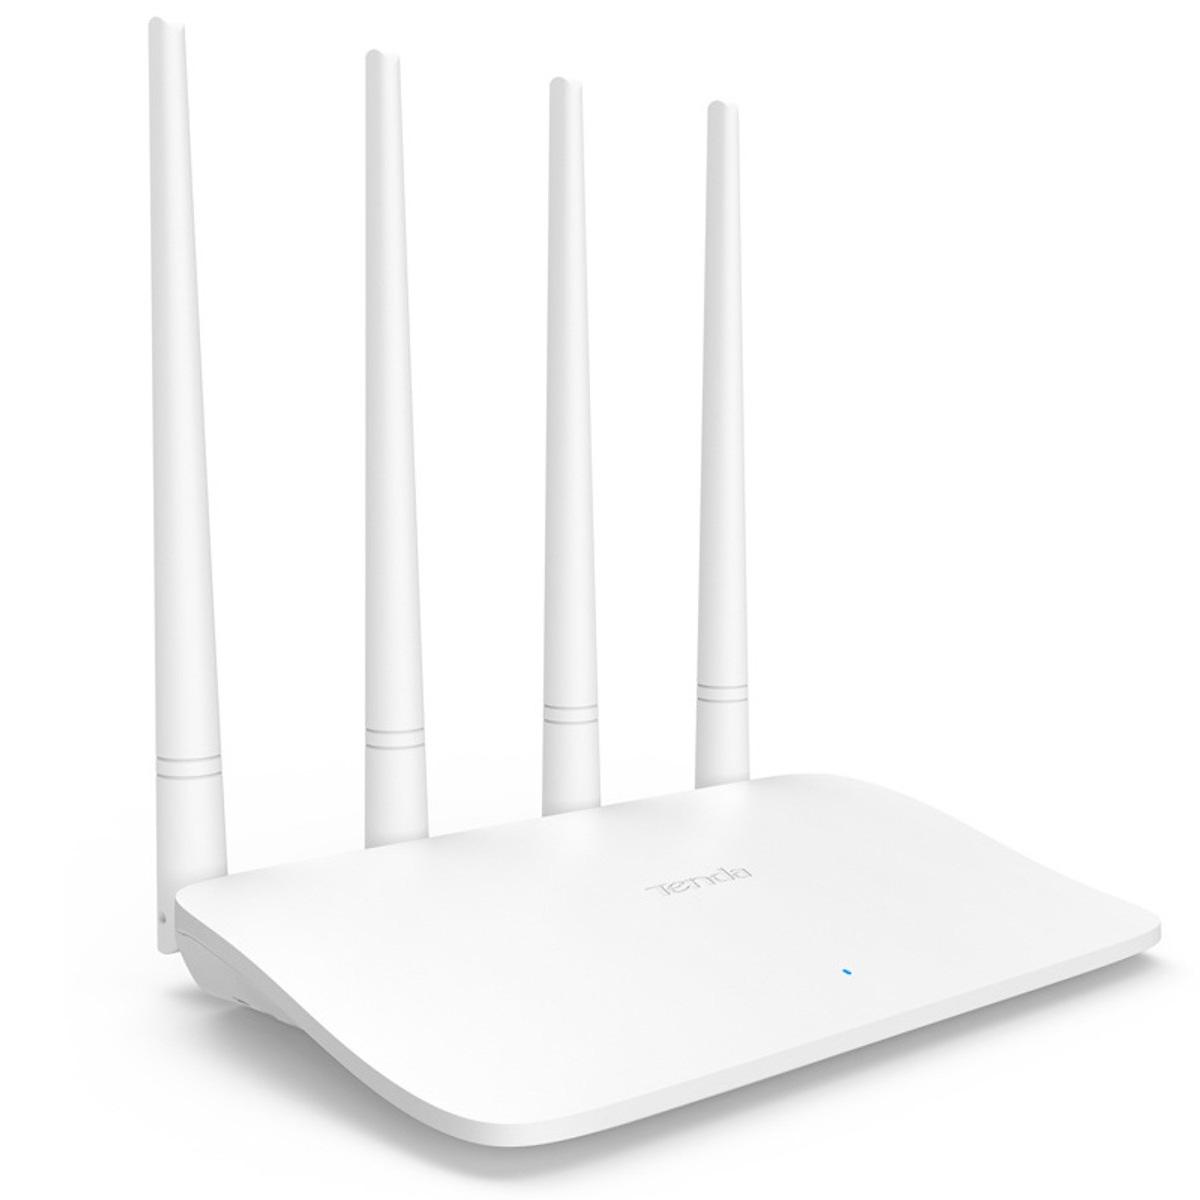 Thiết bị phát wifi không dây Tenda F6 (4 ăng ten) - META.vn